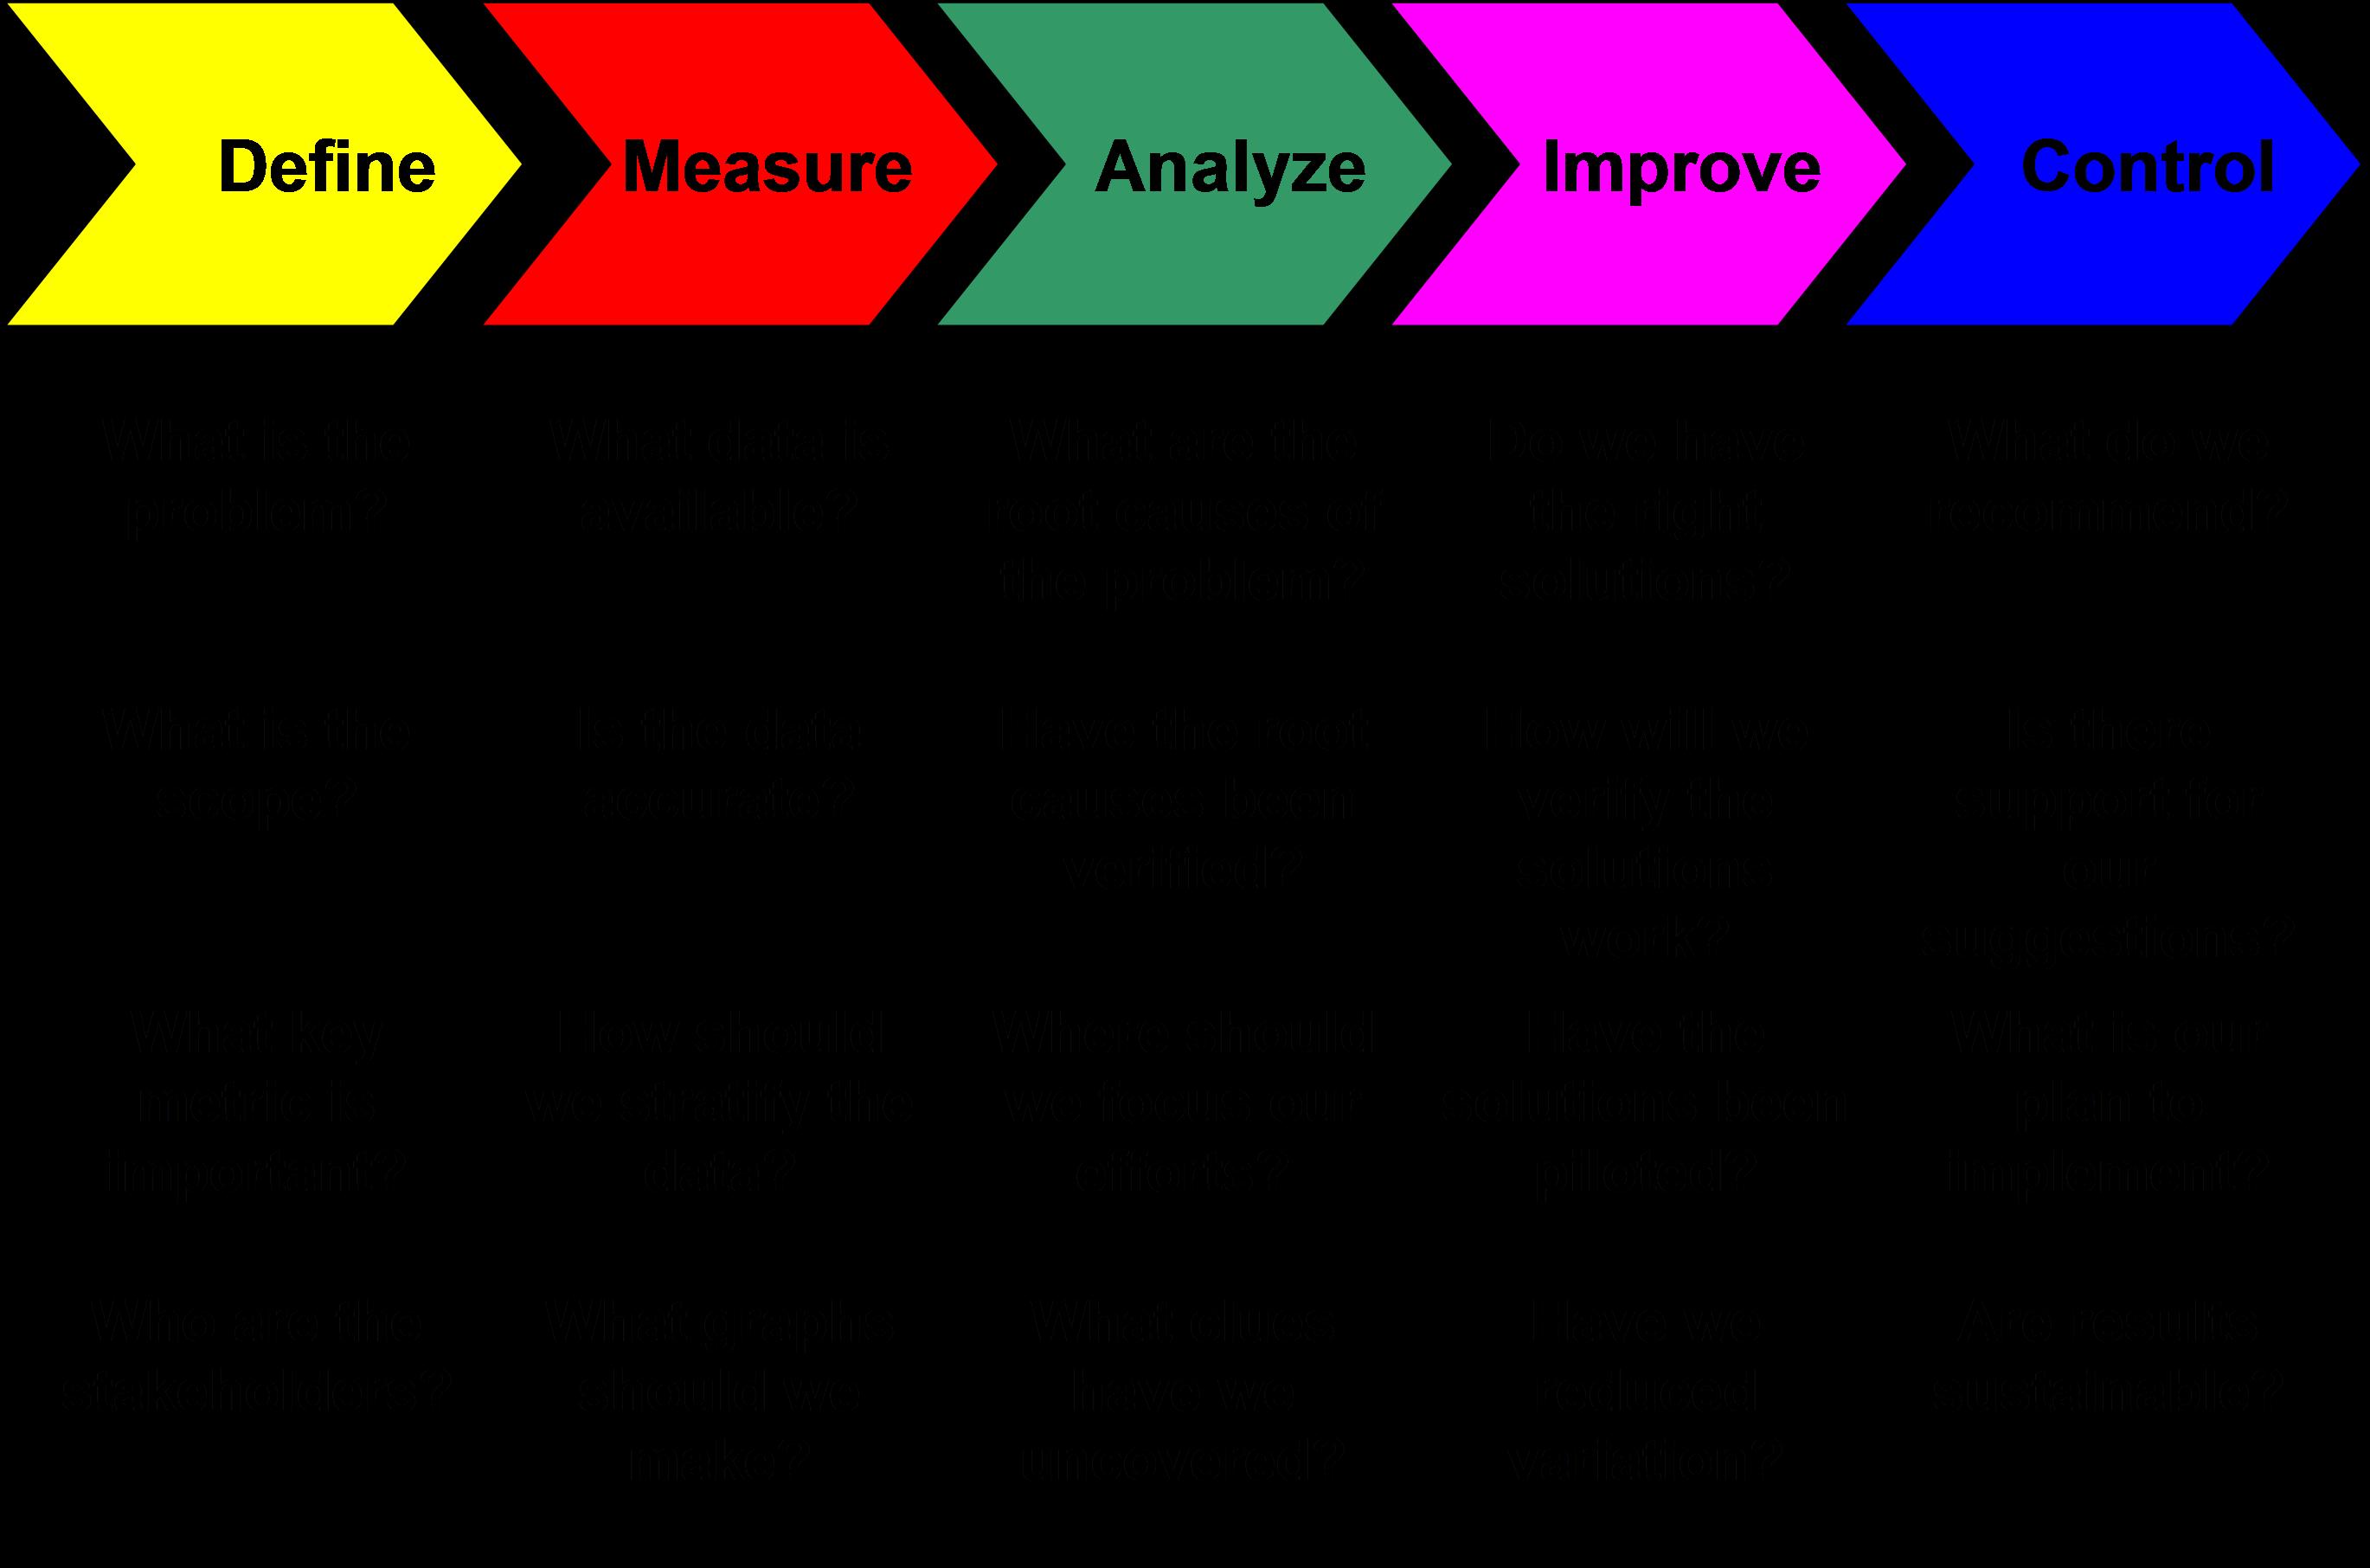 Relateret Billede Lean Six Sigma Change Management Workforce Management